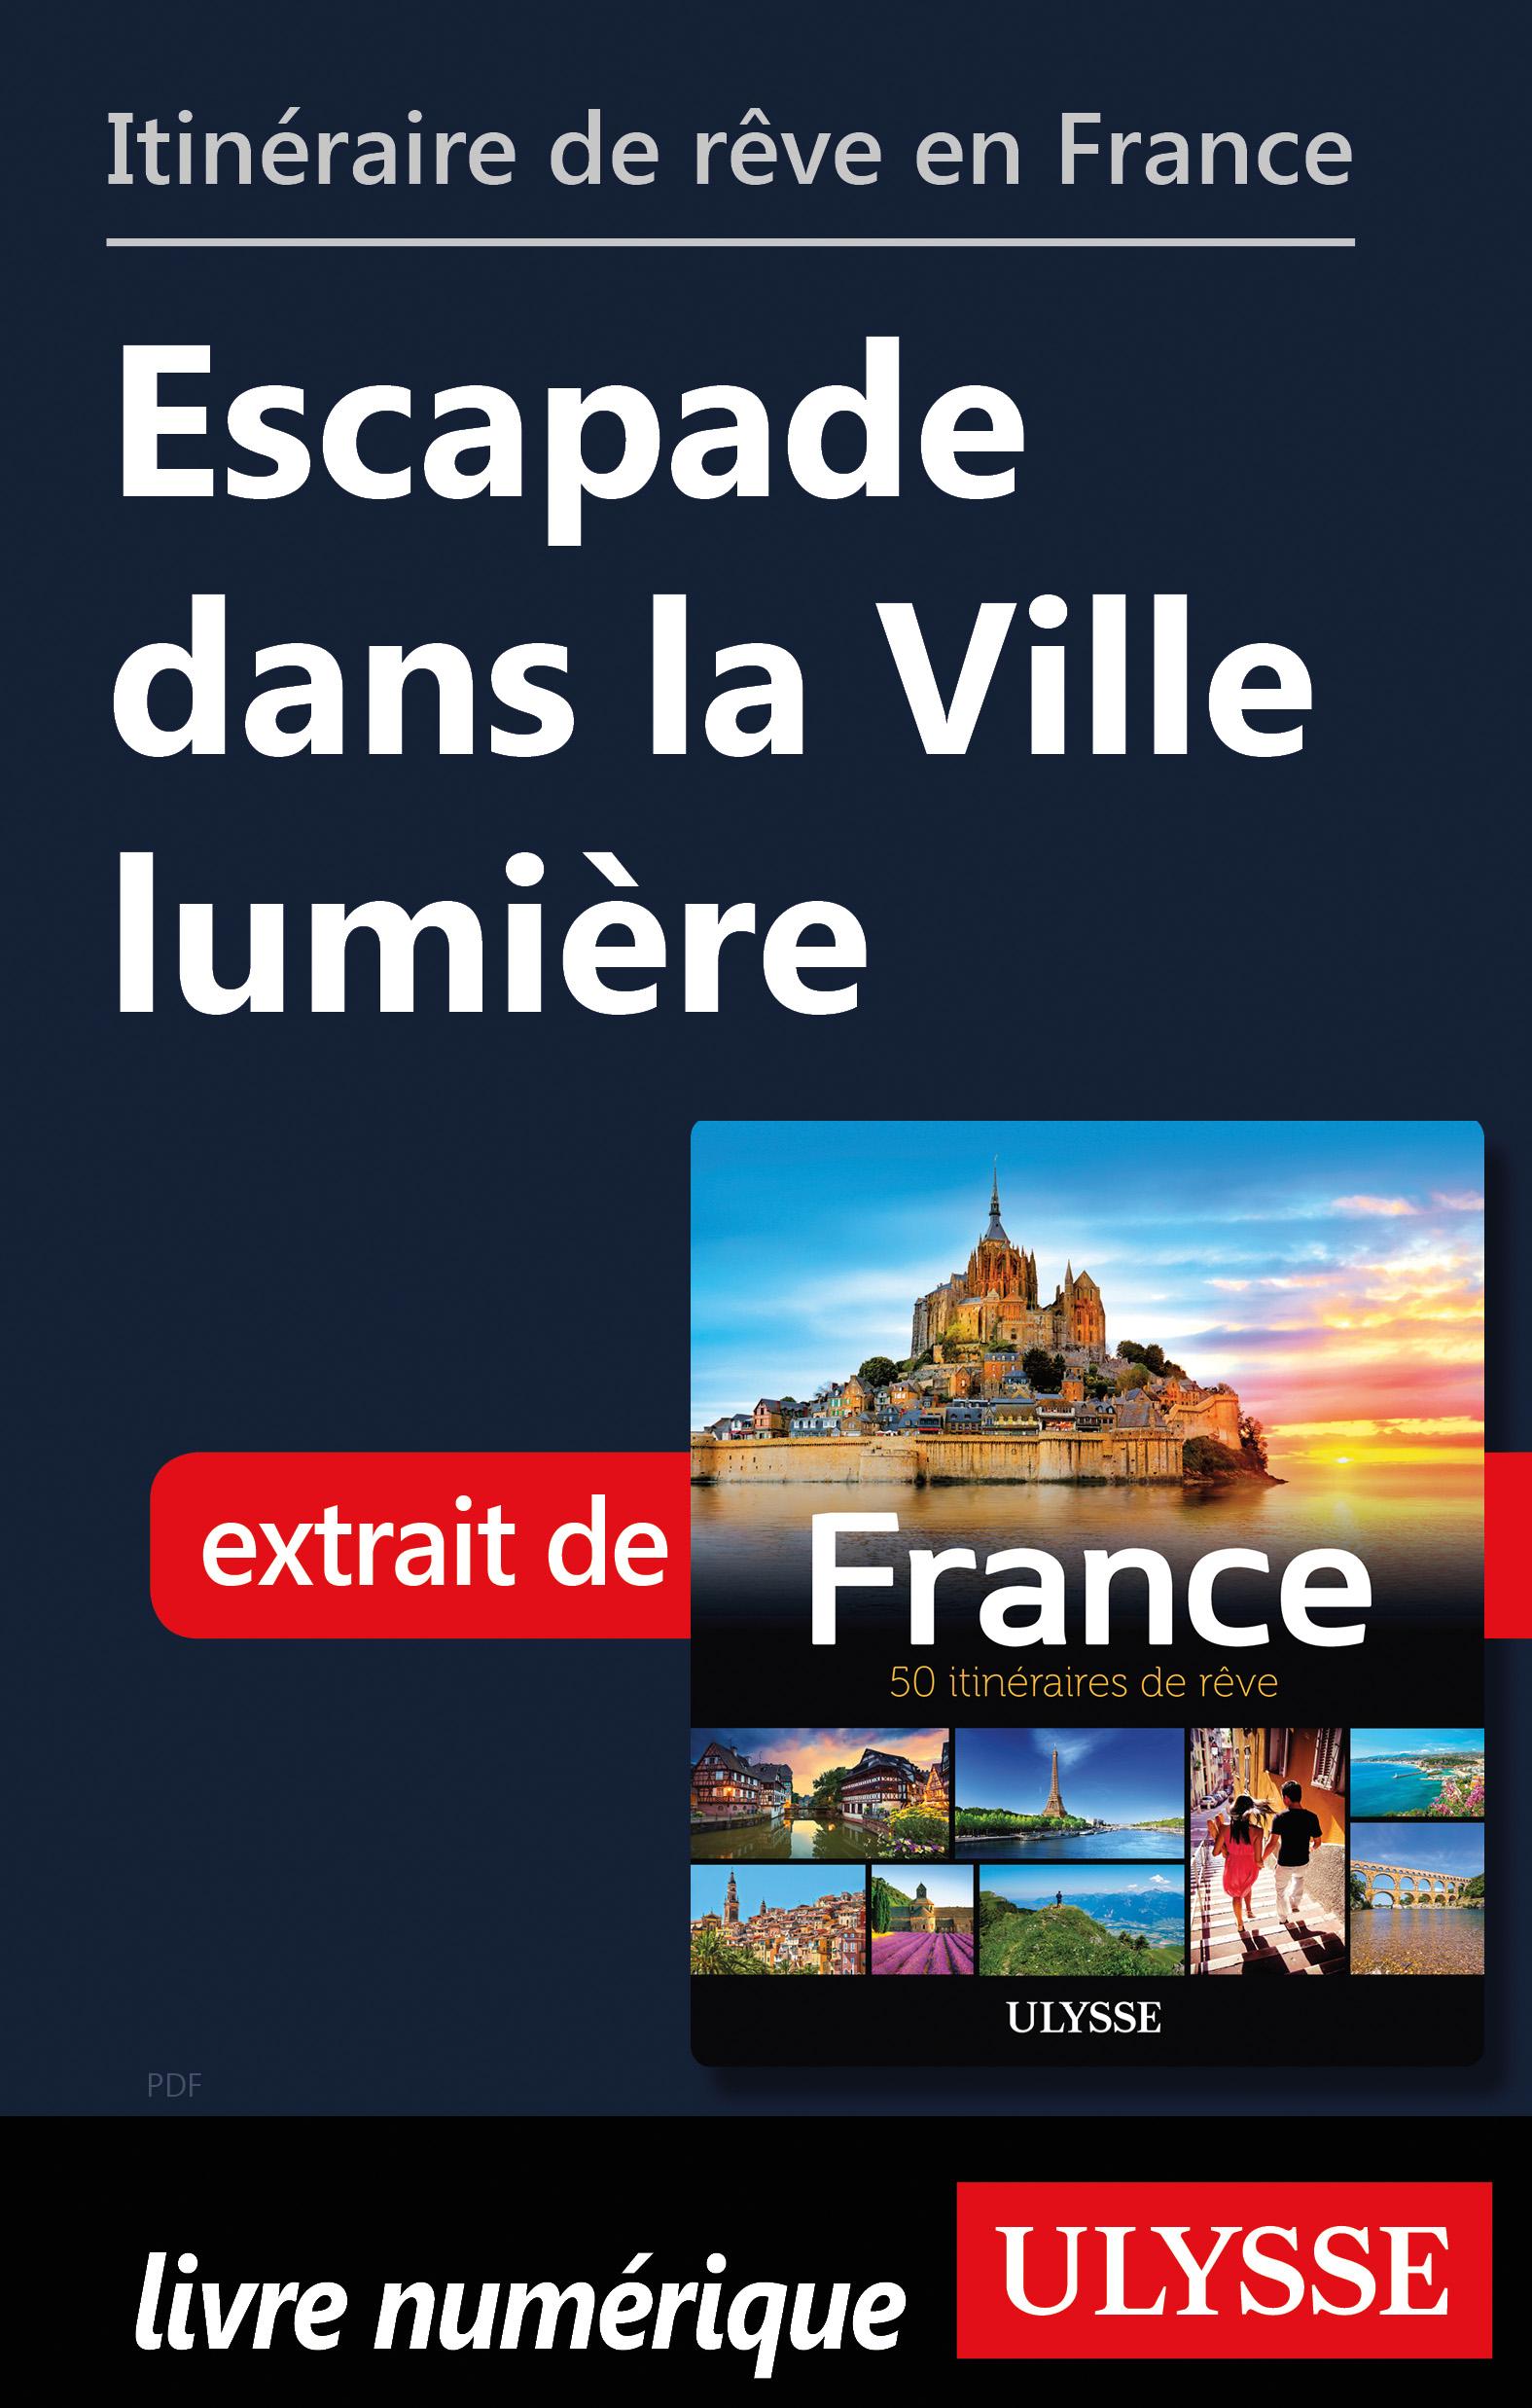 Itinéraire de rêve en France Escapade dans la Ville lumière